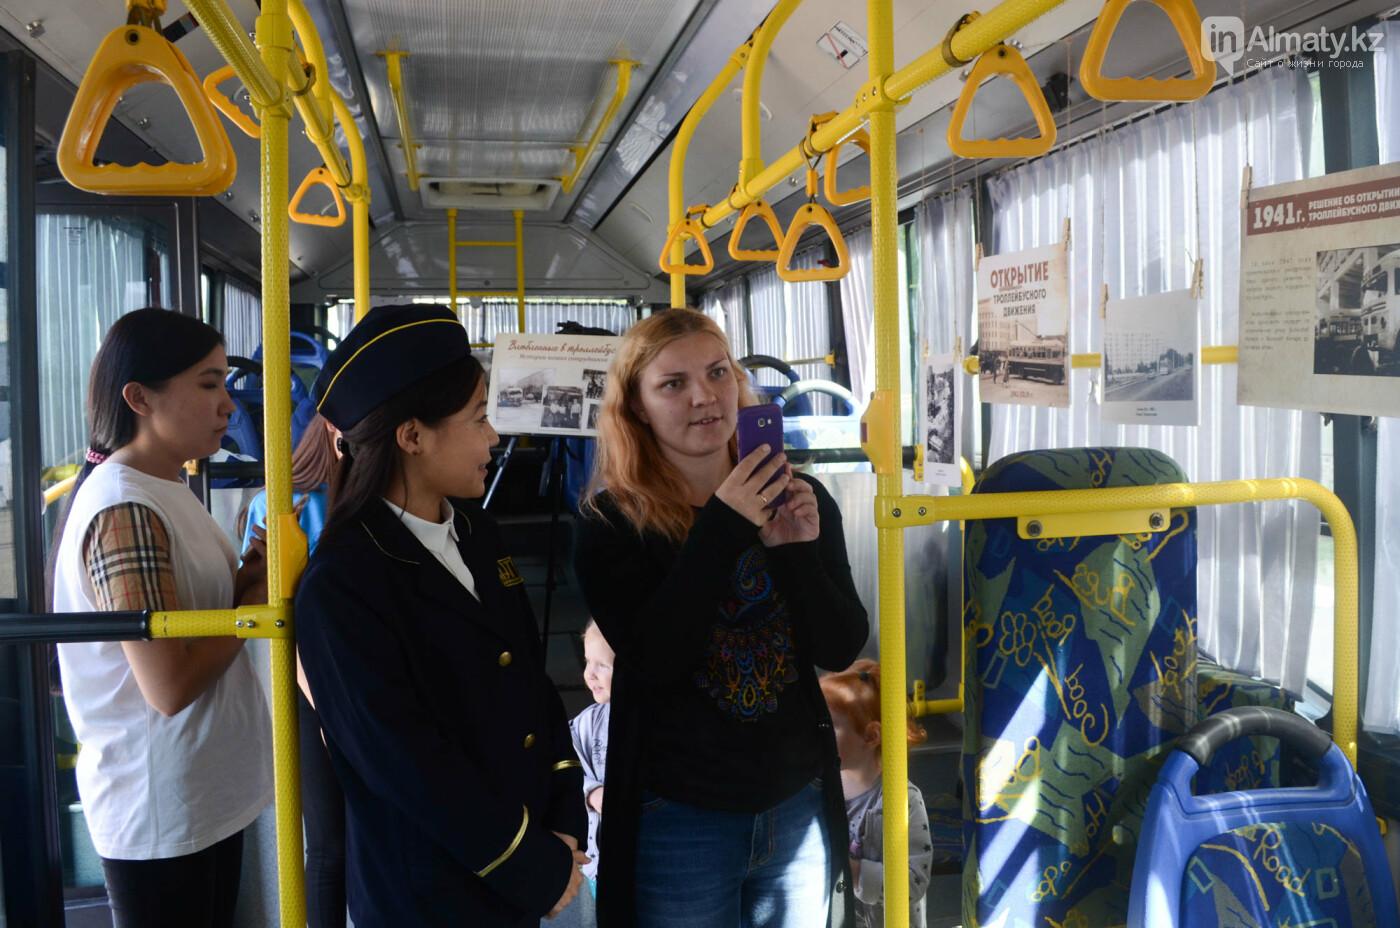 Юбилей троллейбуса отметили в Алматы (фото), фото-22